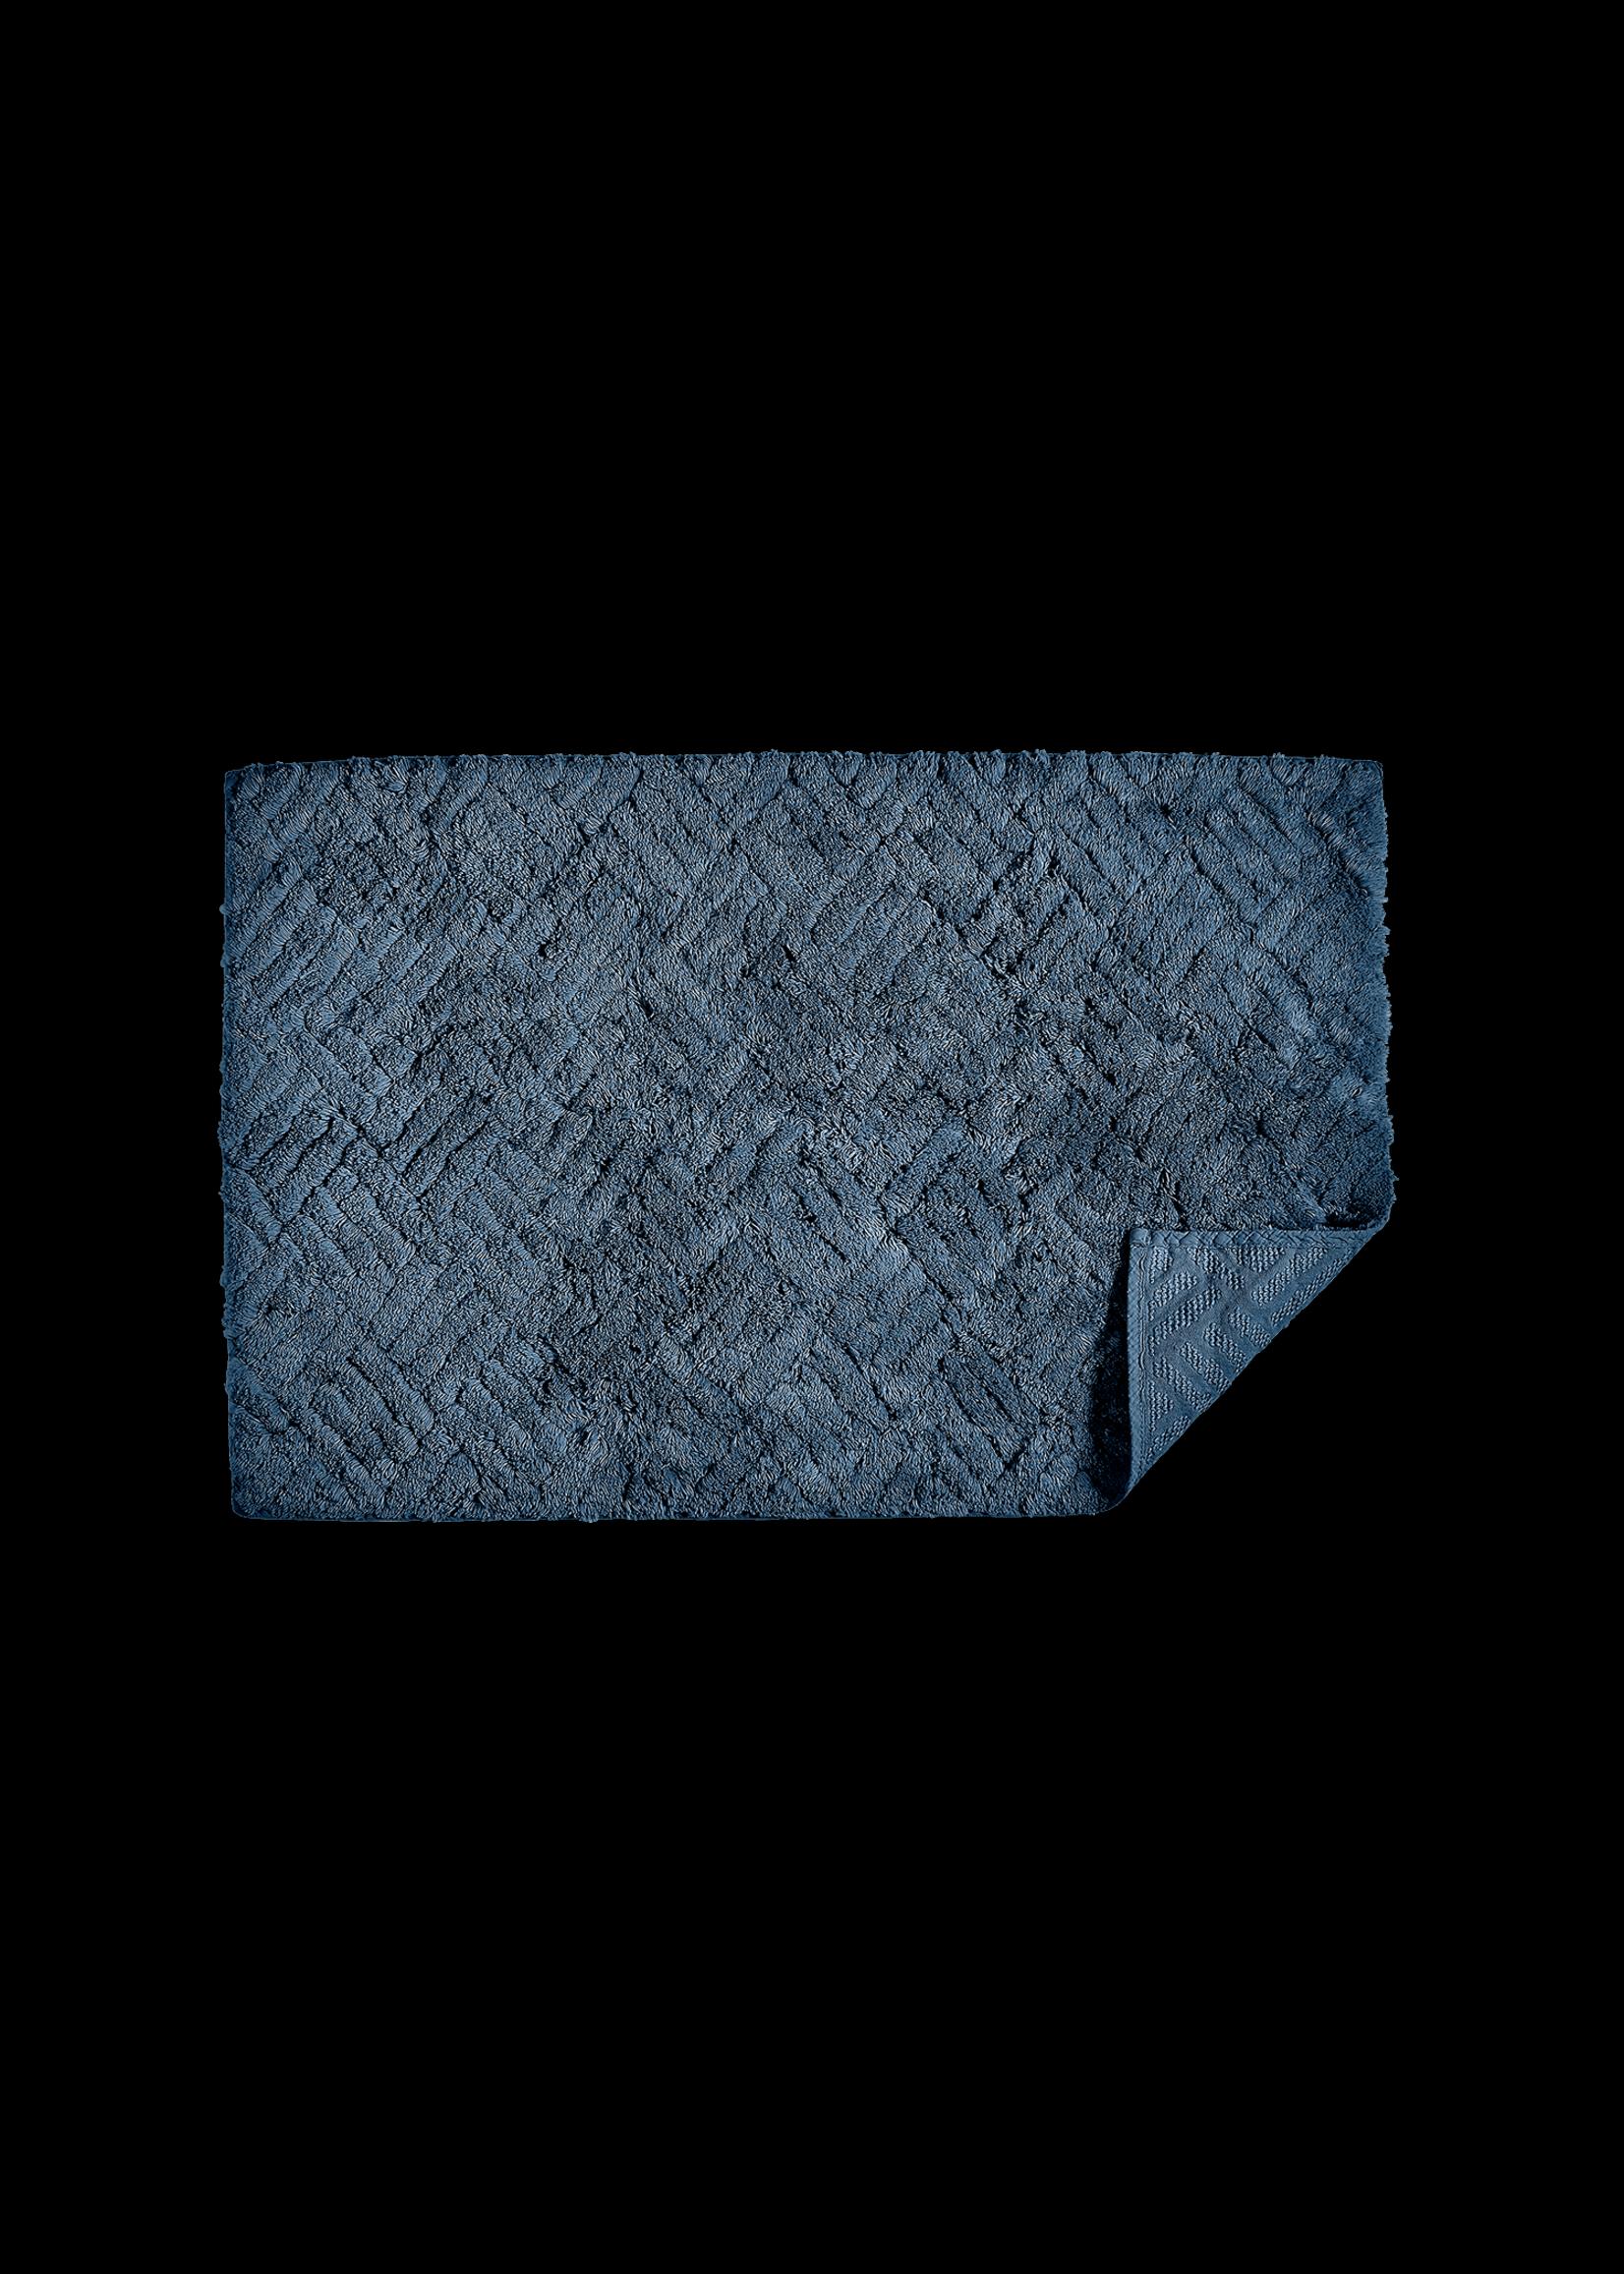 Matouk Maya Bath Rugs